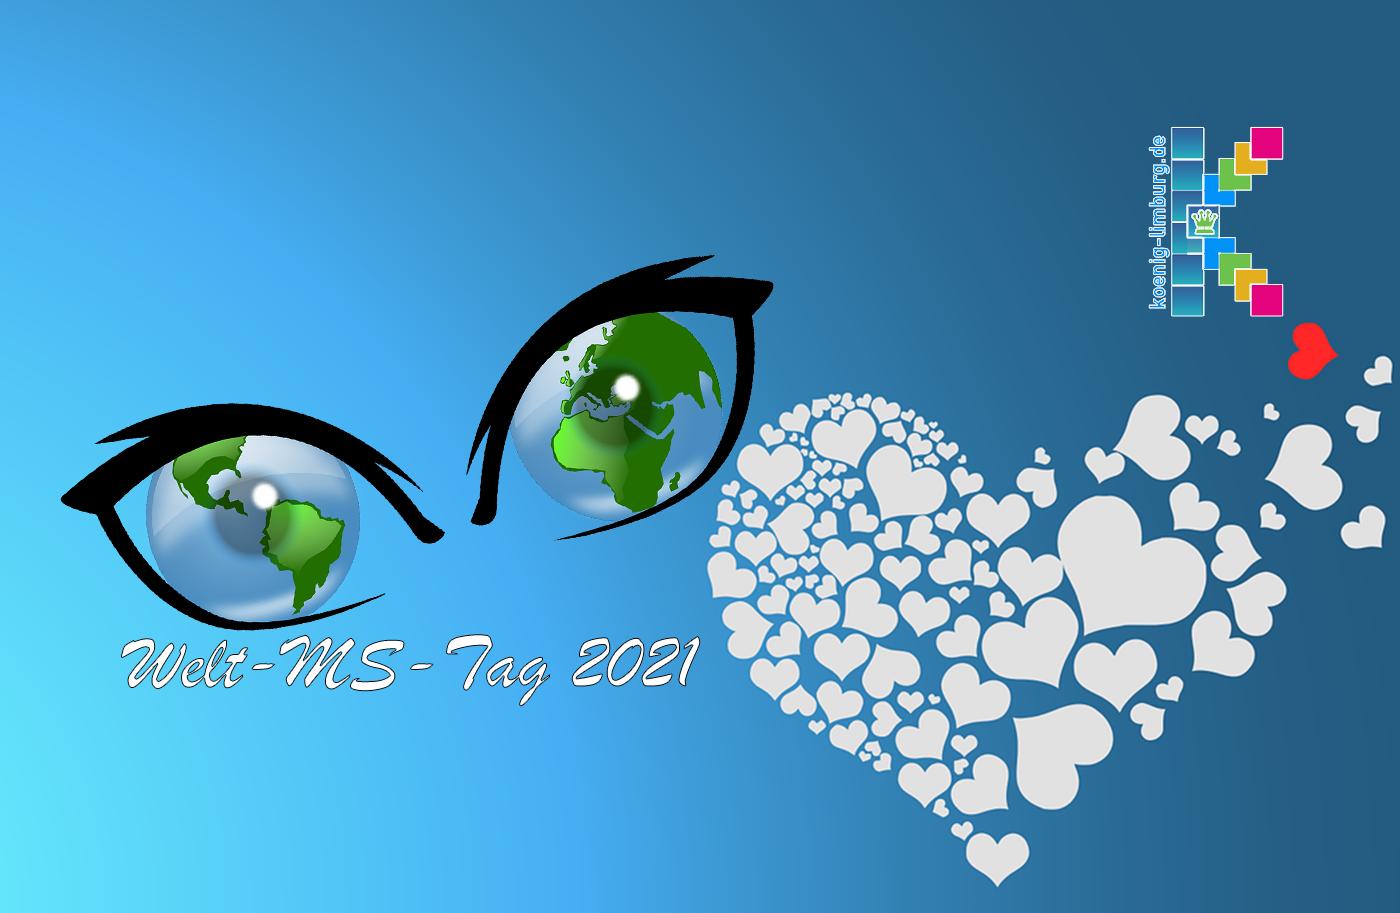 Welt-MS-Tag 2021